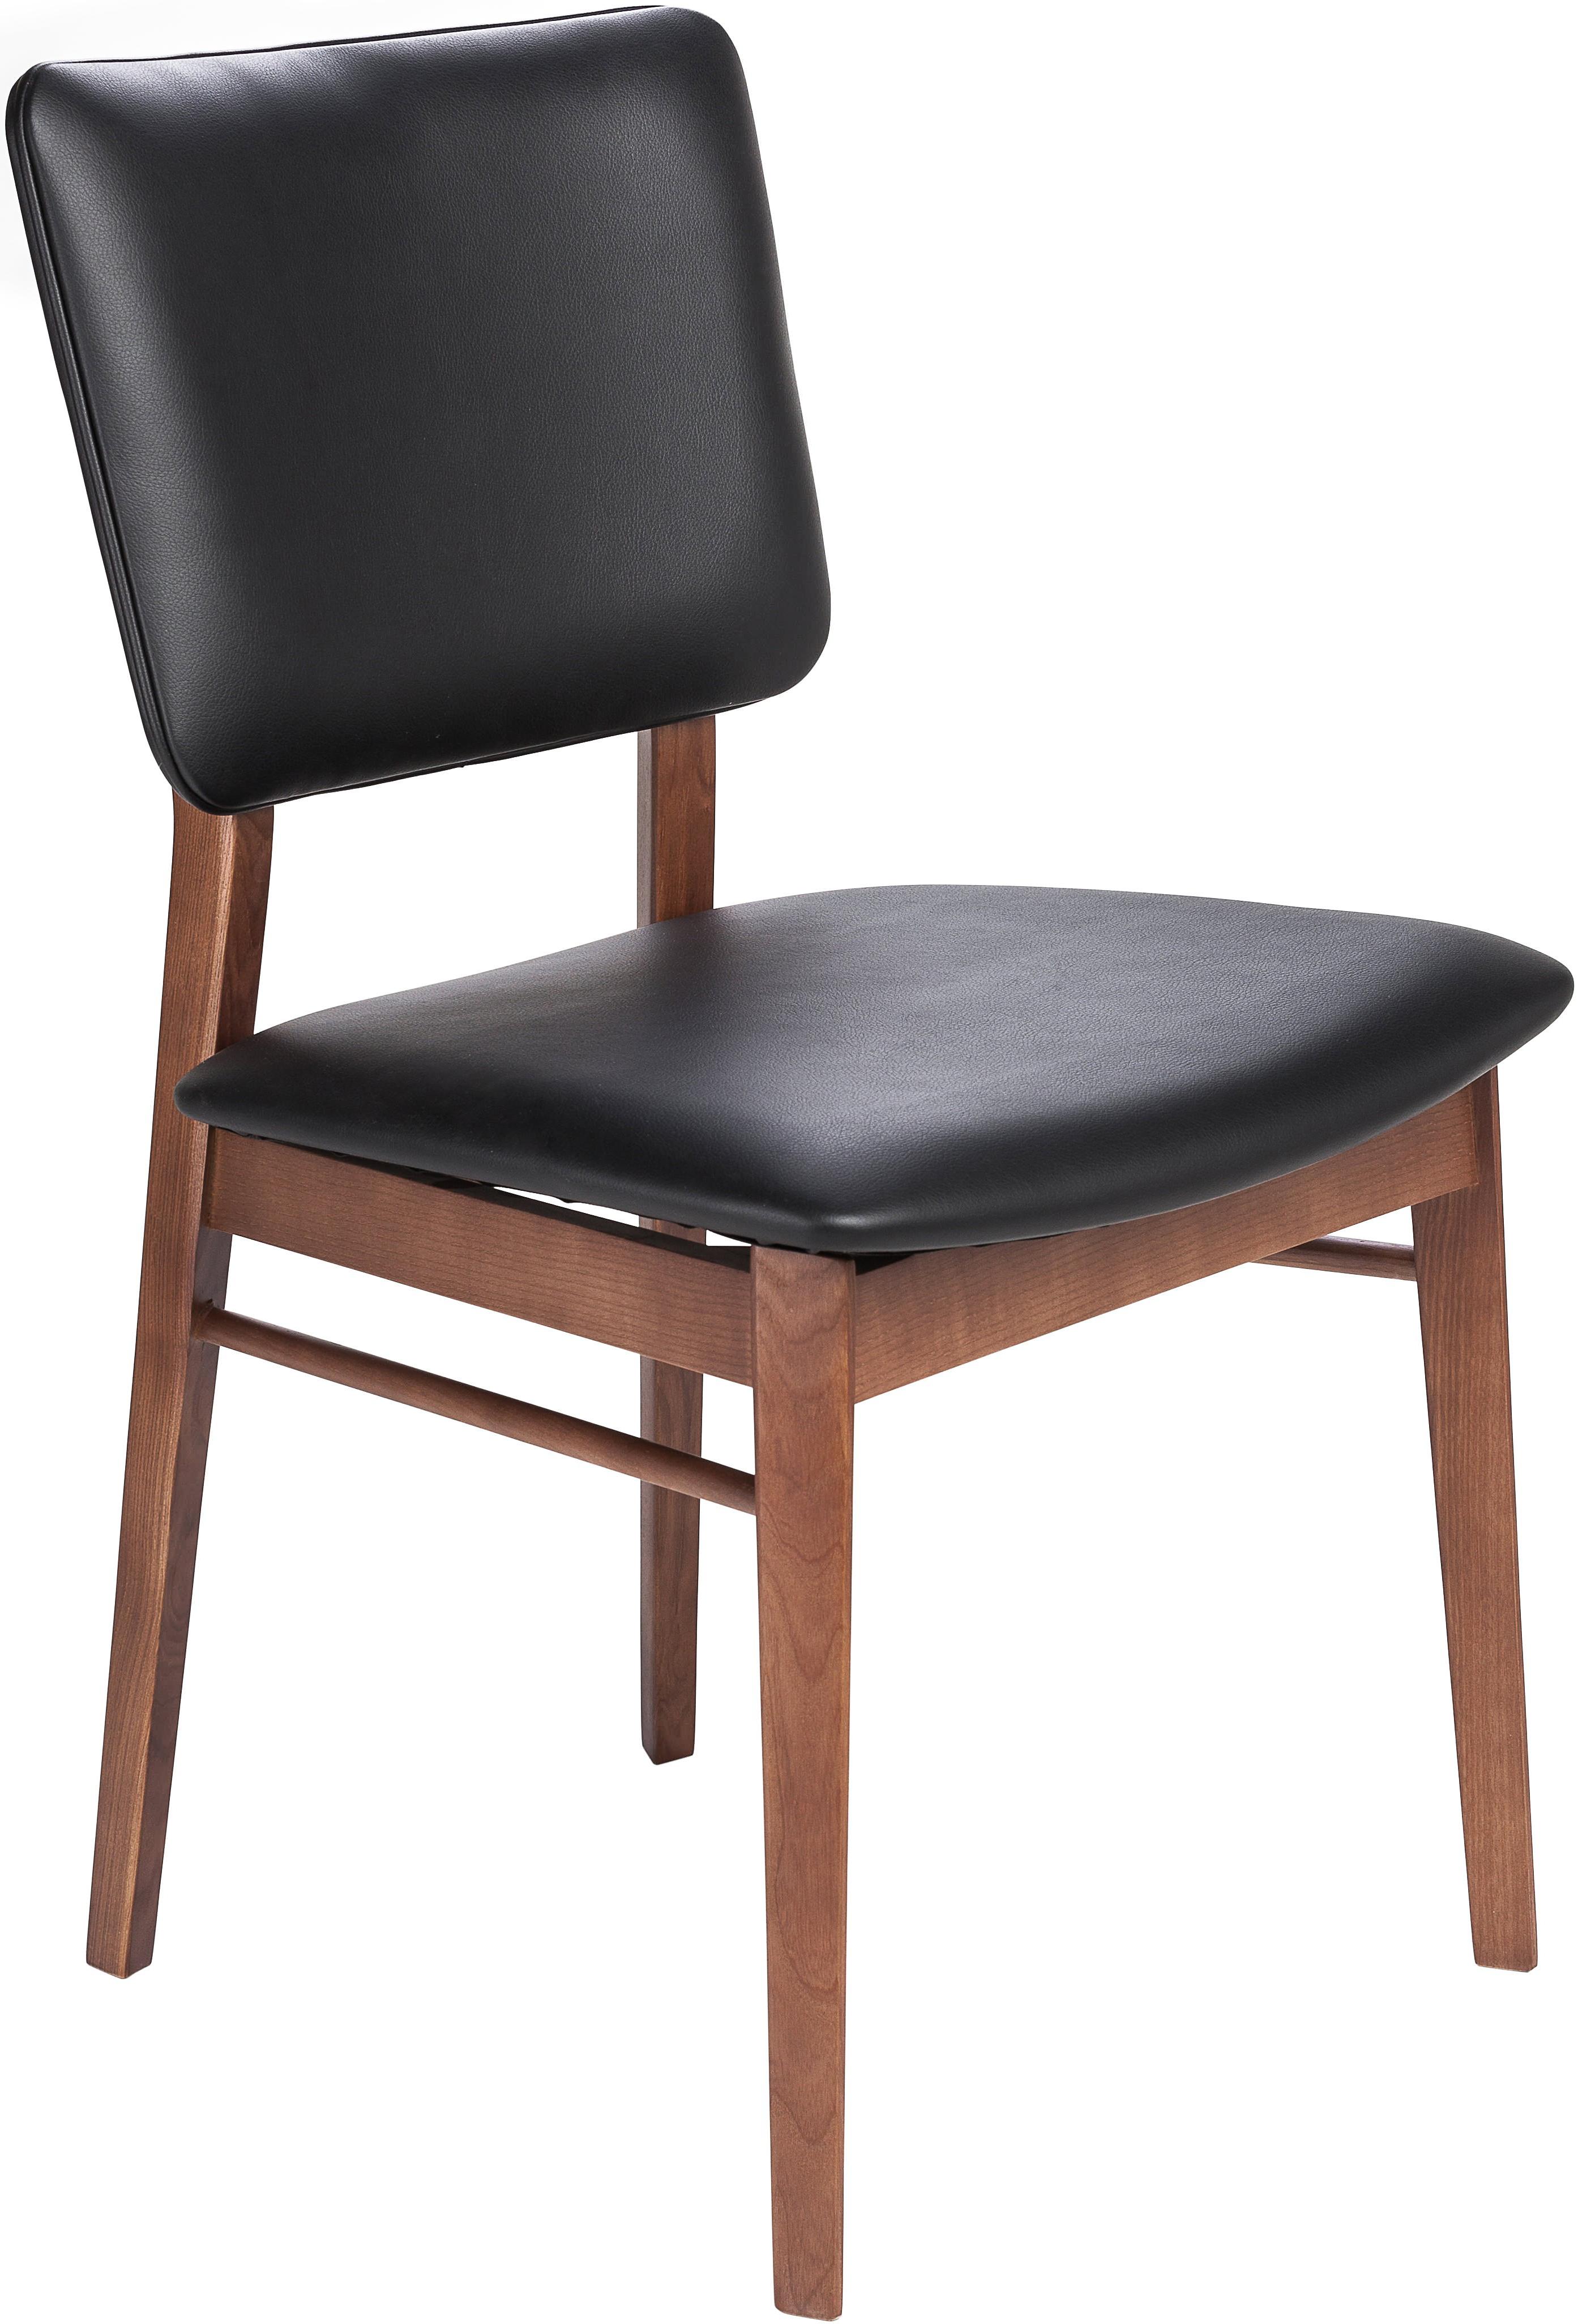 nuevo-dael-dining-chair.jpg